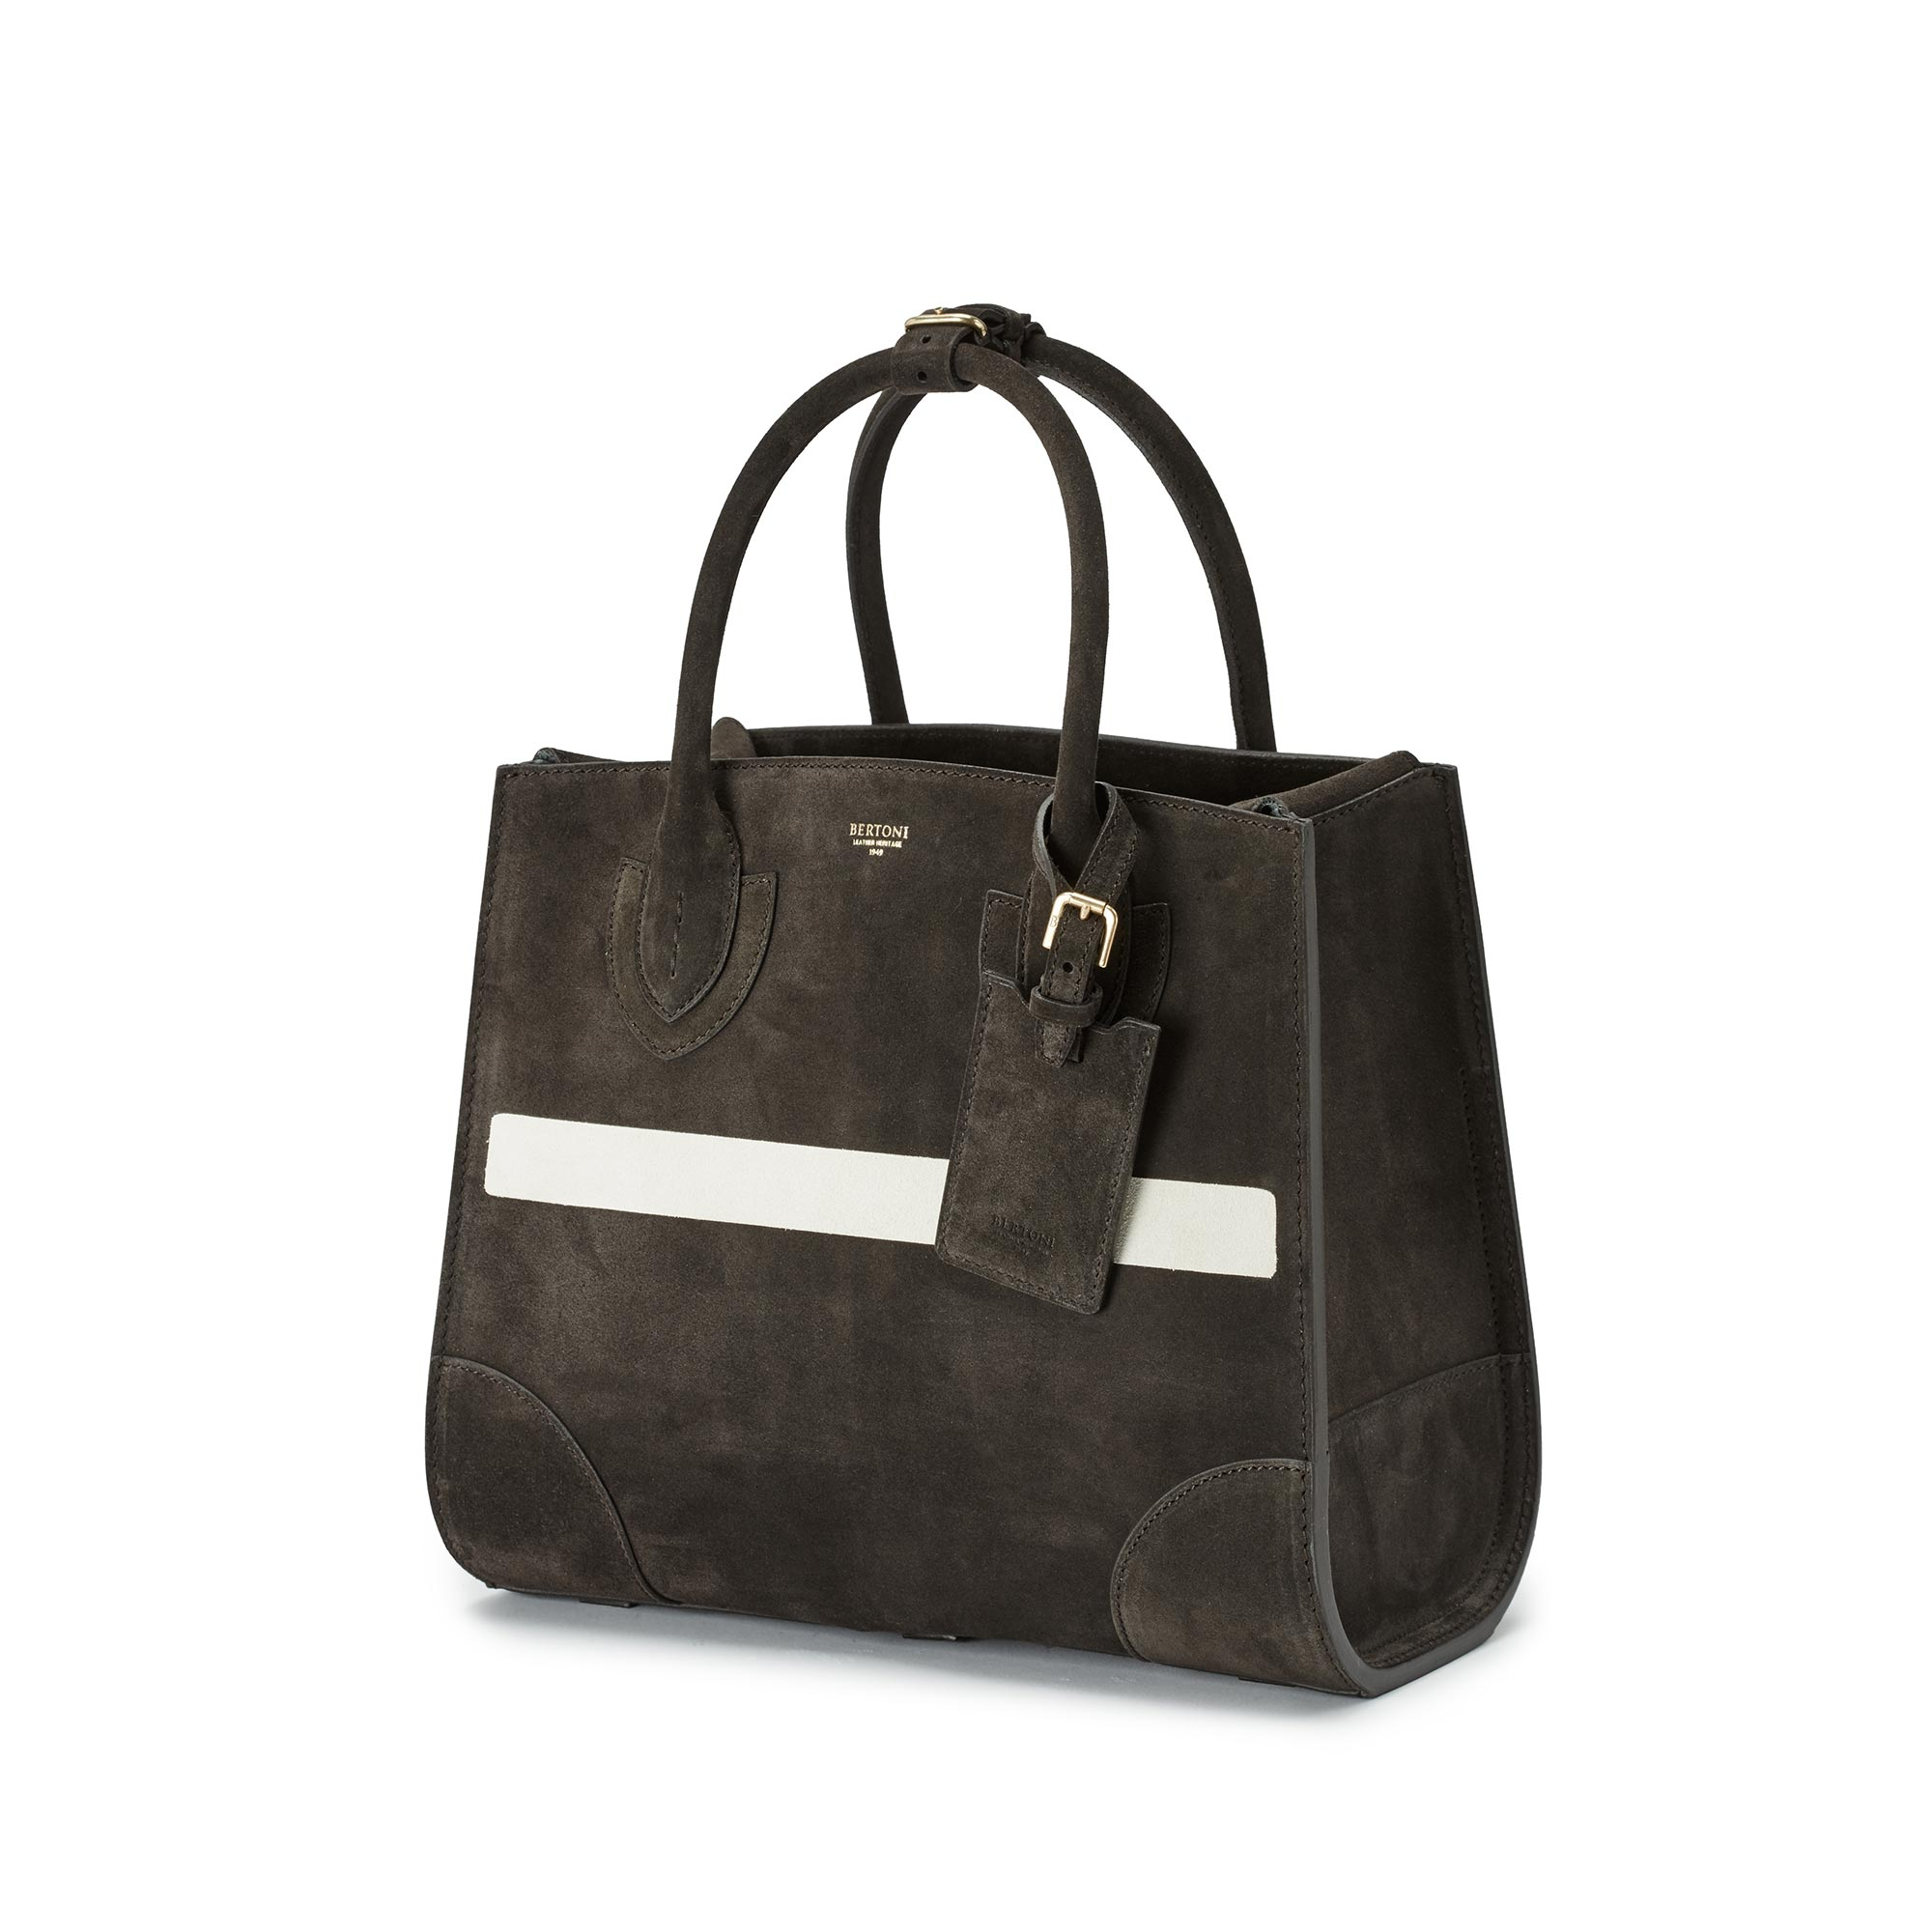 Medium-Darcy-coffee-suede-bag-Bertoni-1949_02